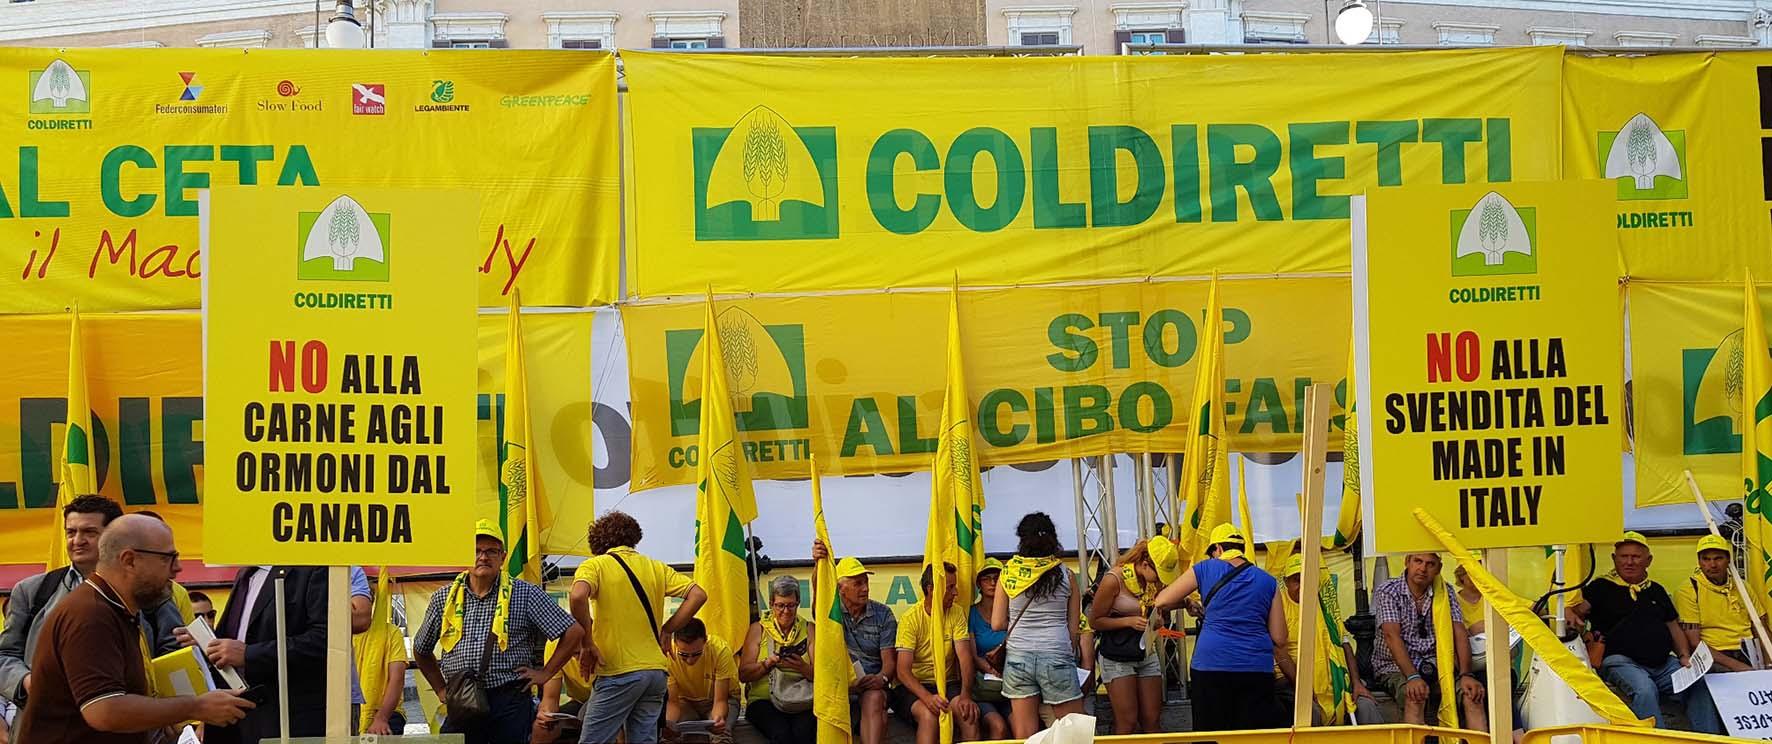 Ceta stop manifestazione coldiretti